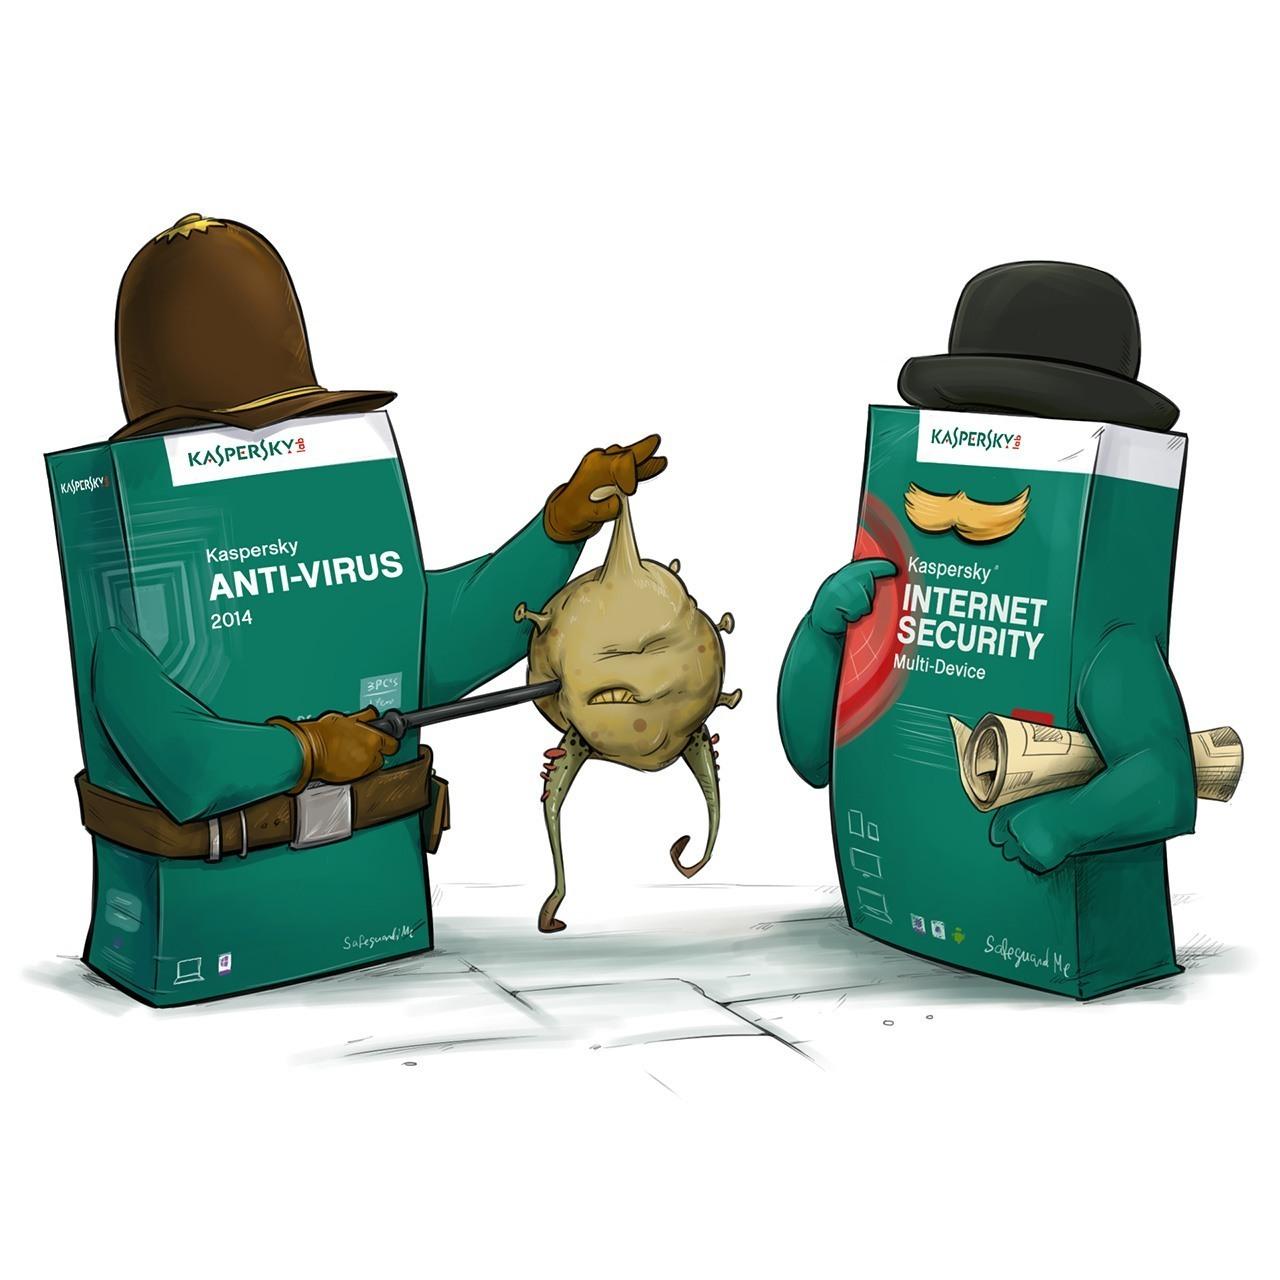 بررسی تفاوت بین  Antivirus و Internet Security . آموزشگاه رایگان خوش آموز